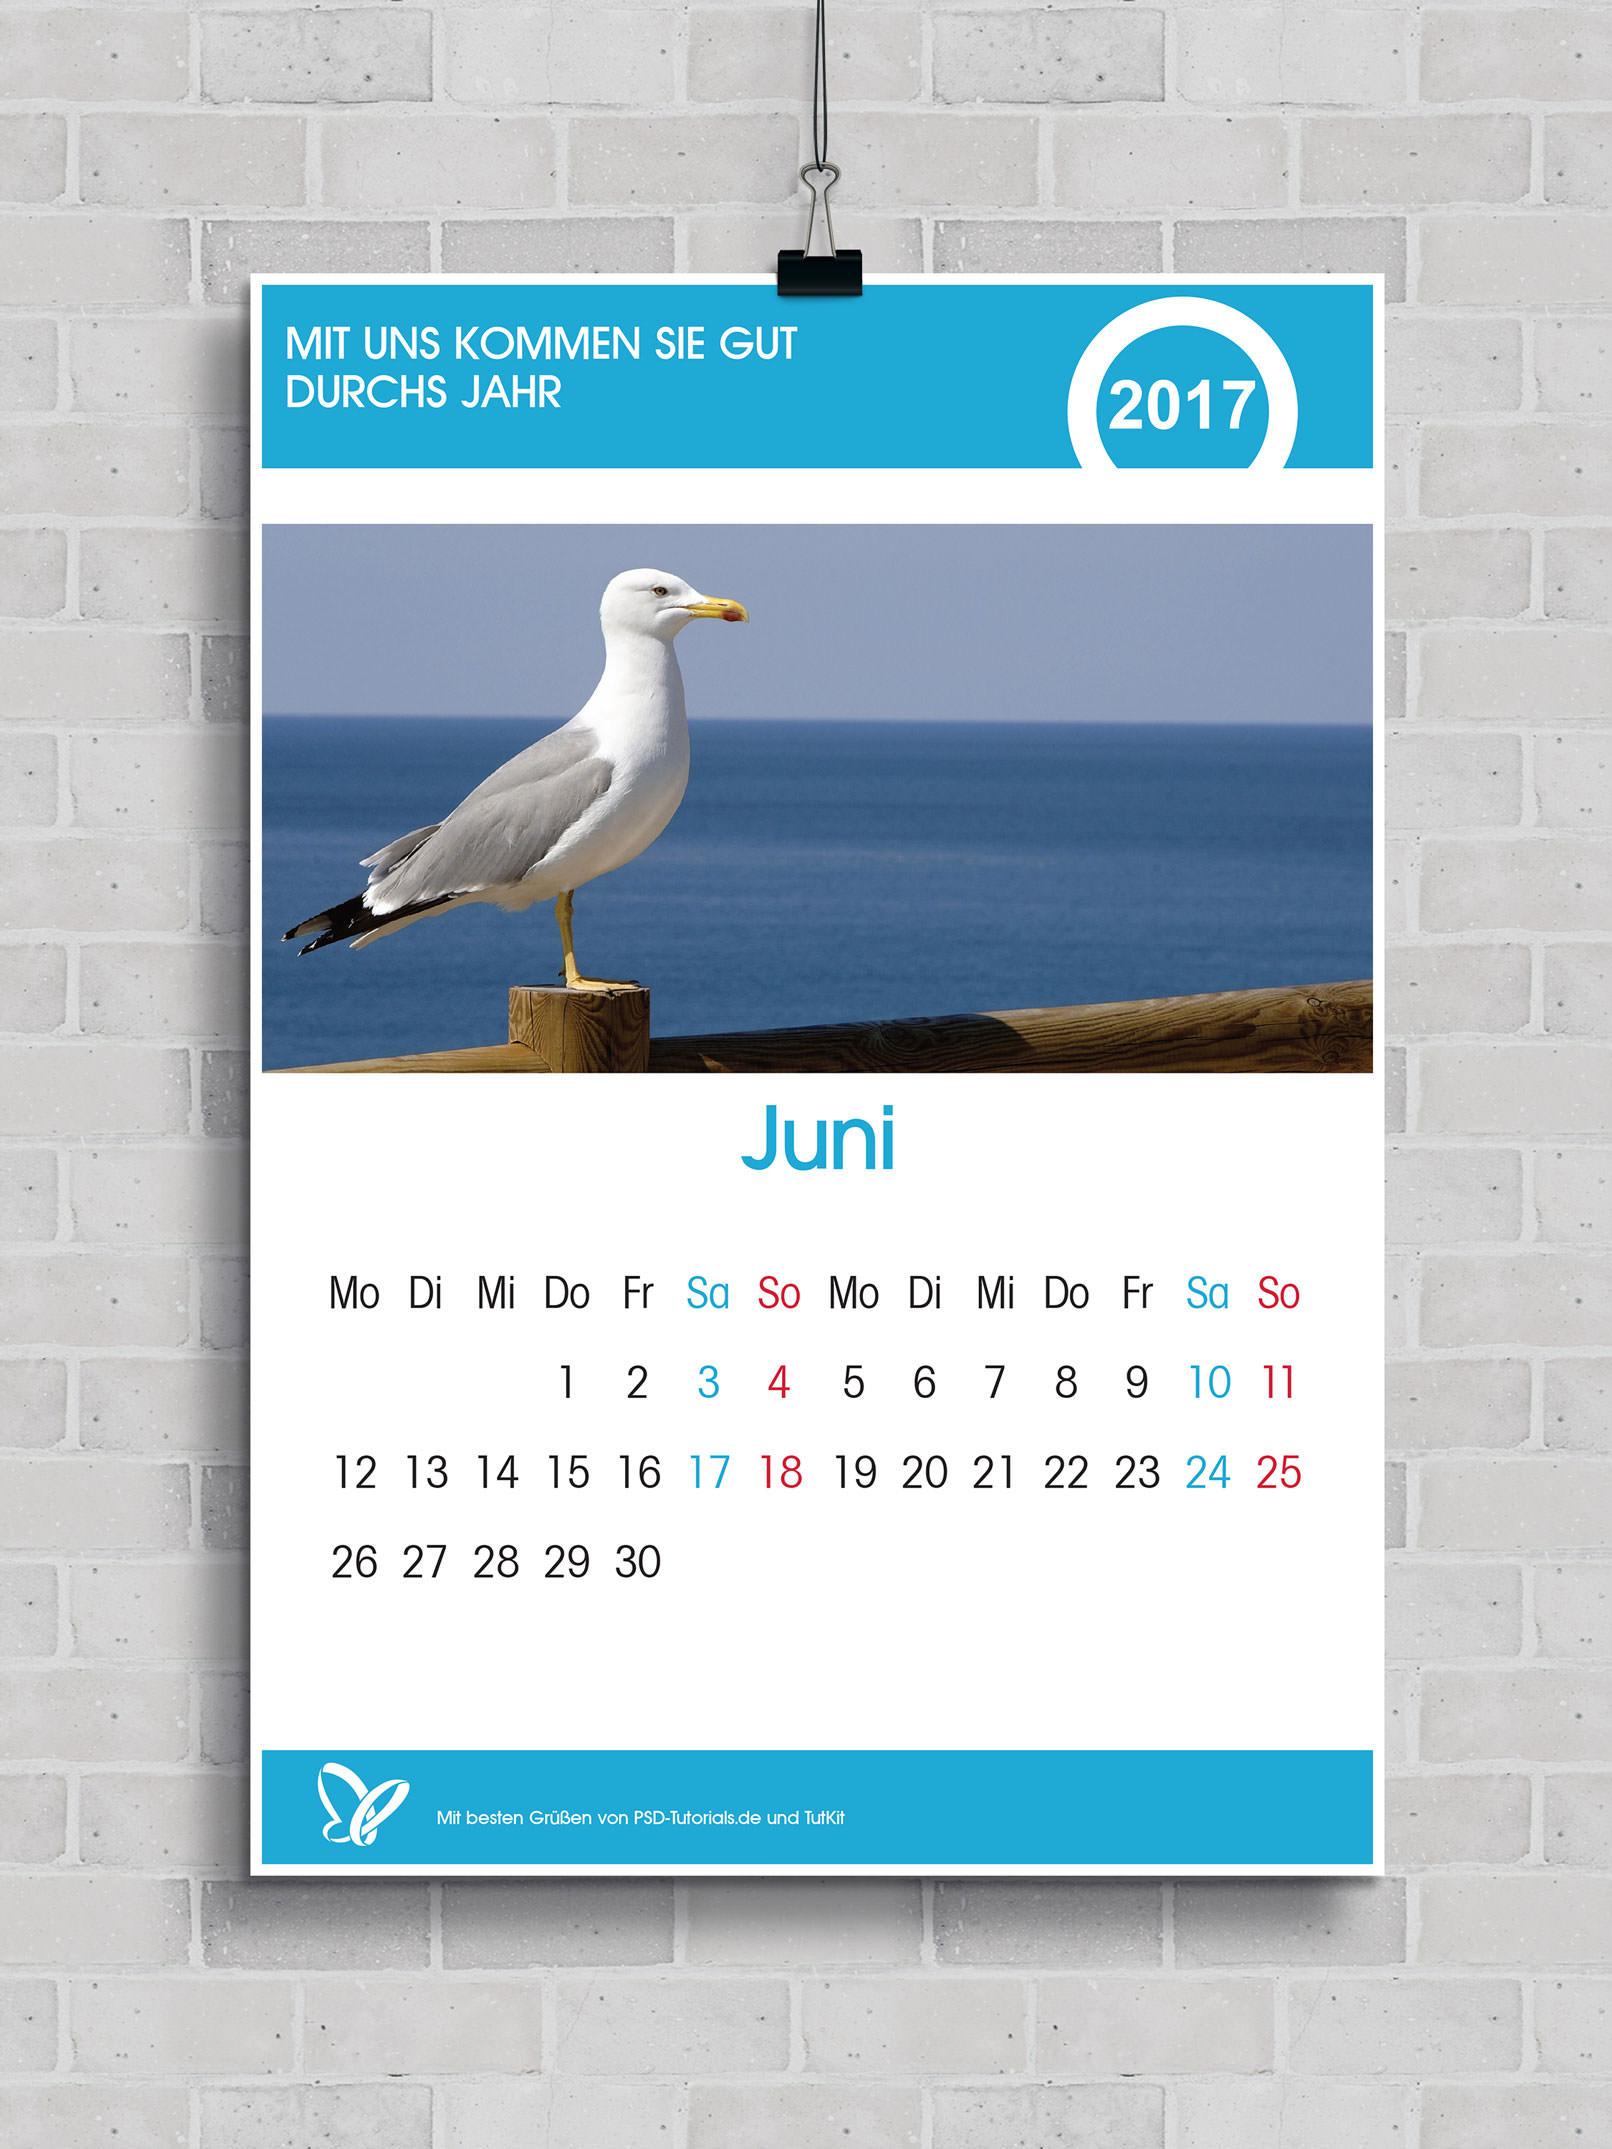 Affinity Designer – das Praxis-Training: Entwerfe einen Kalender